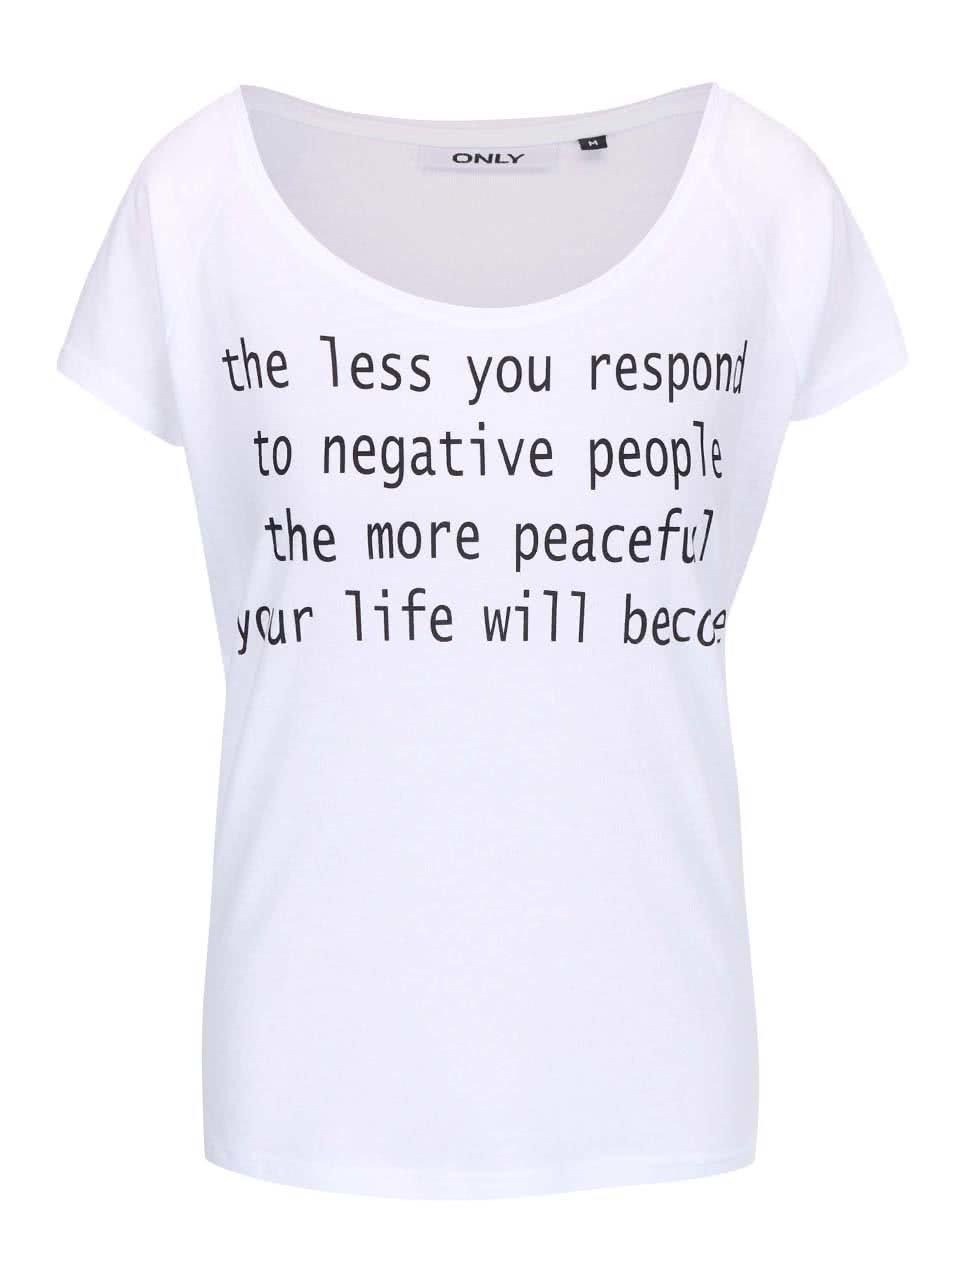 Bílé tričko s nápisem ONLY